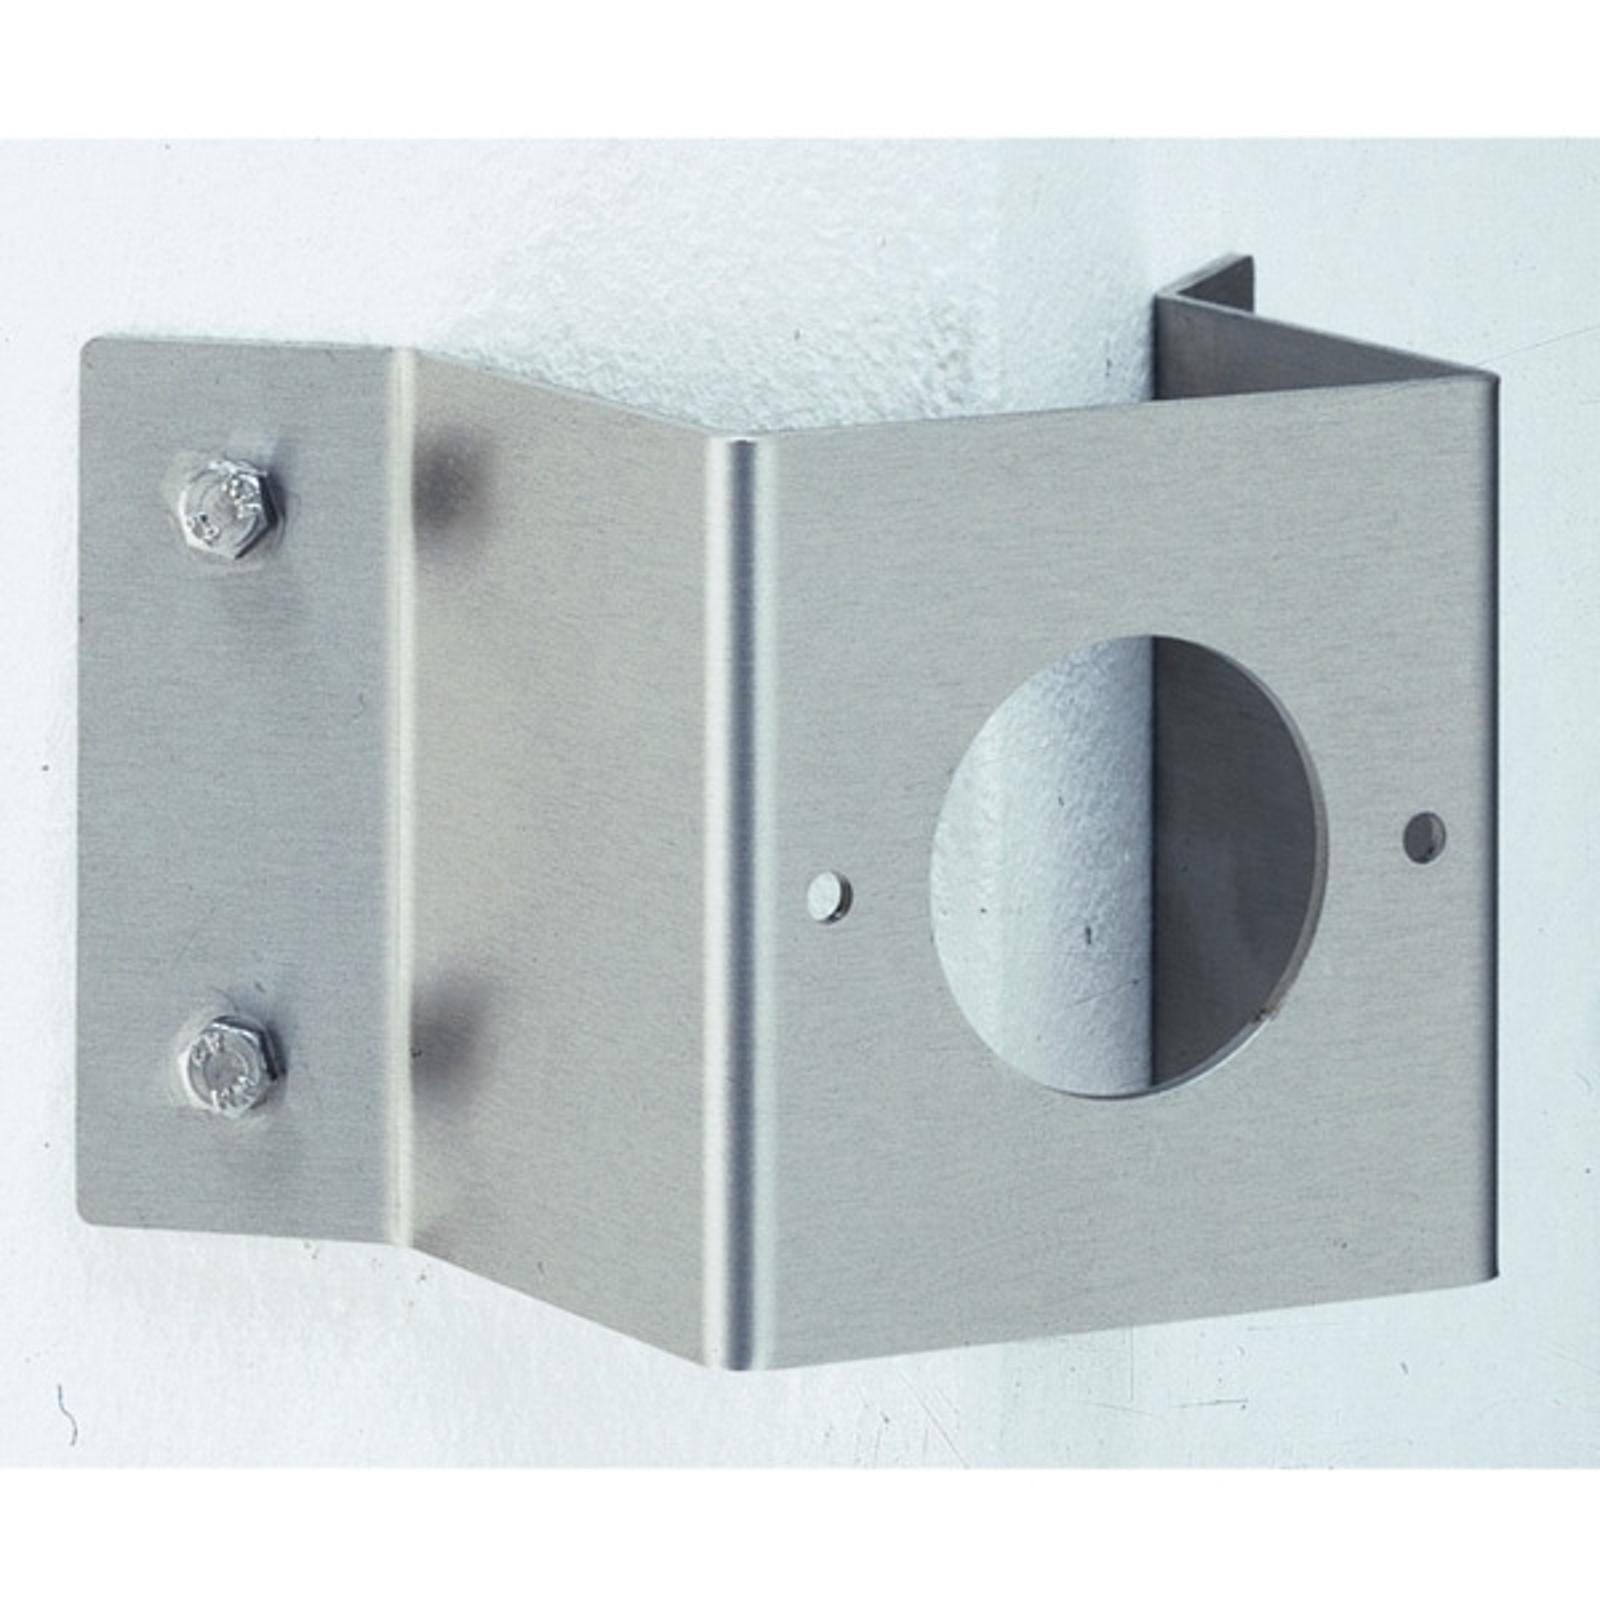 Eckwandhalter für Außenwandleuchten, eckig, 8,5 cm